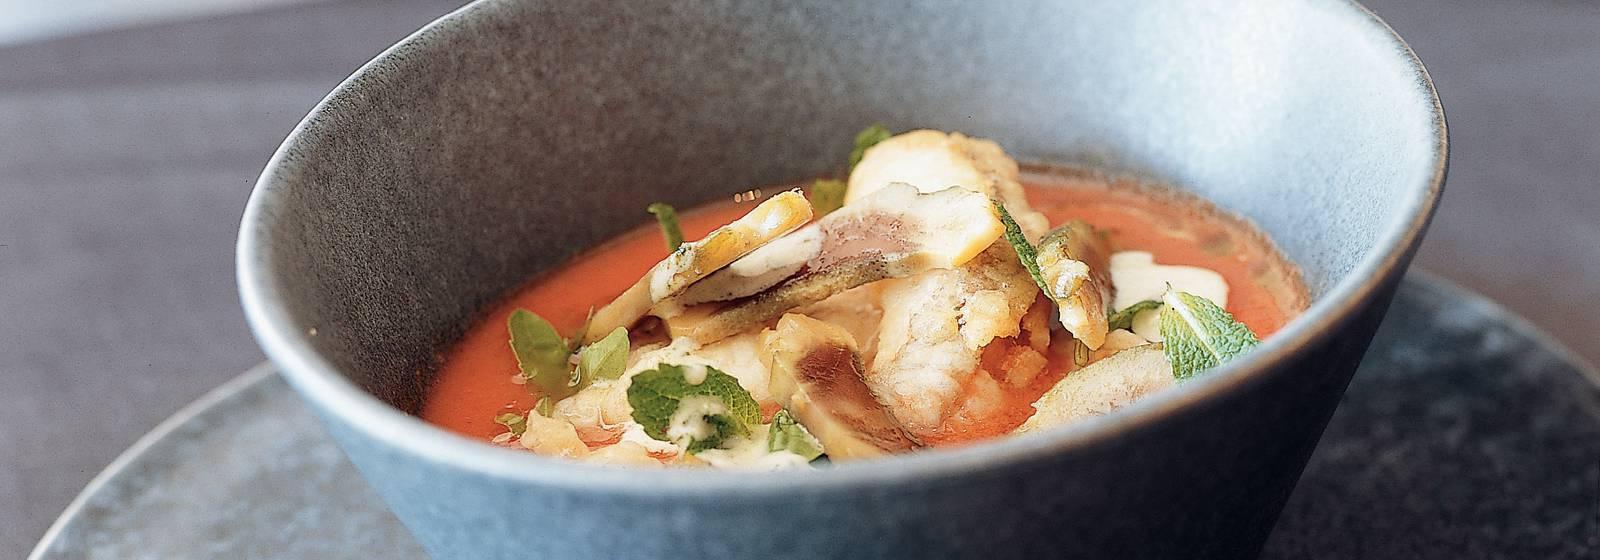 Gazpacho with fried redfish